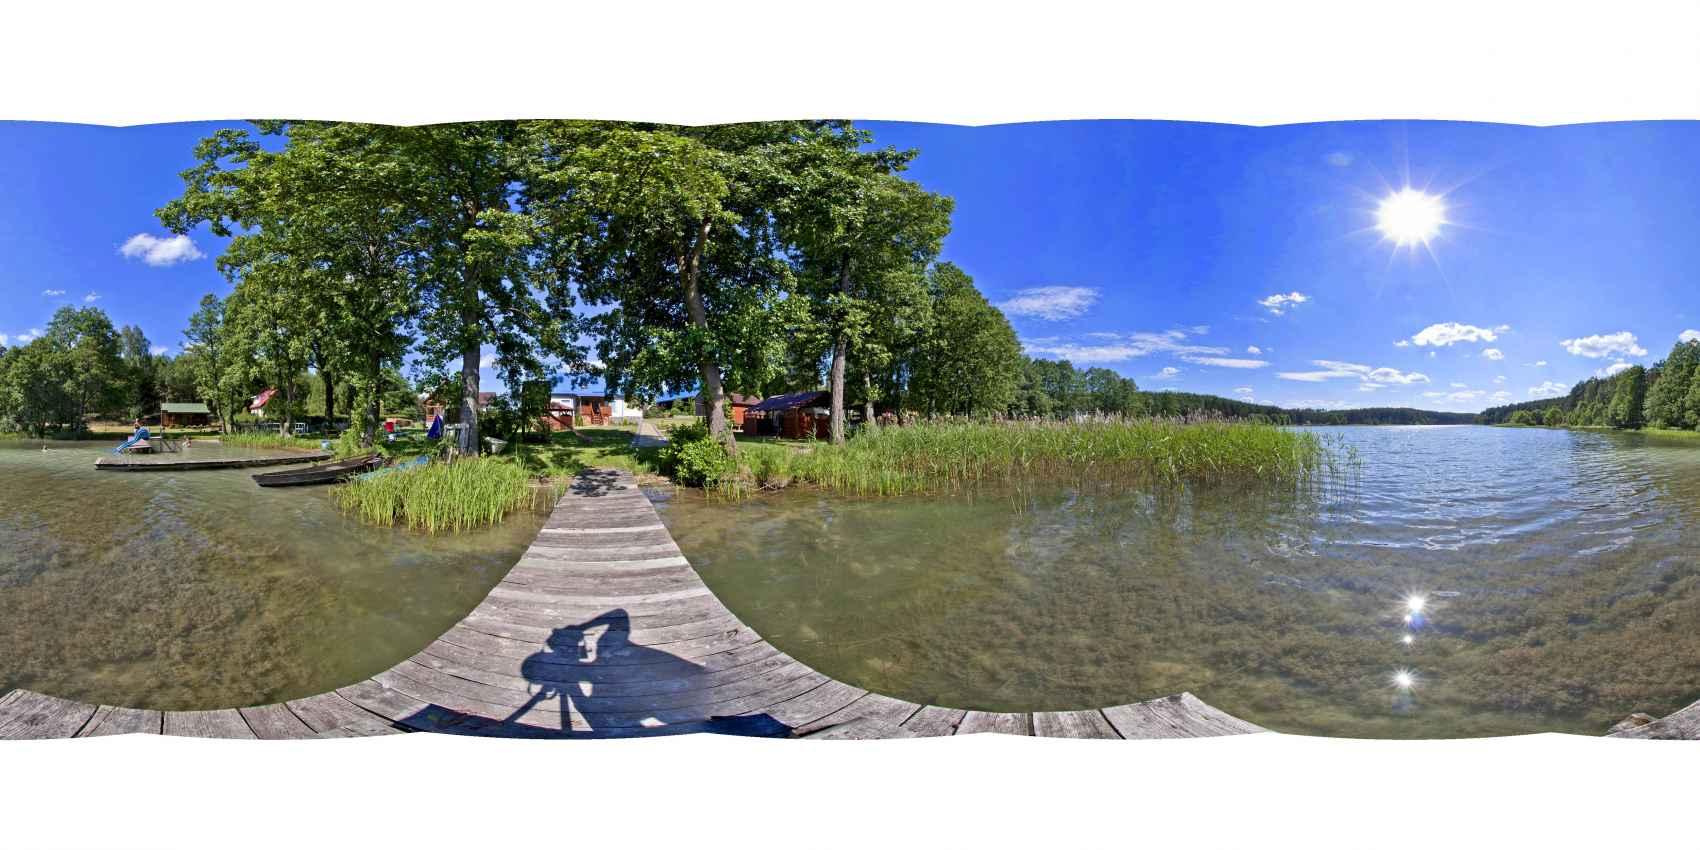 Prezentacja panoramiczna dla obiektu Gmina Kaliska